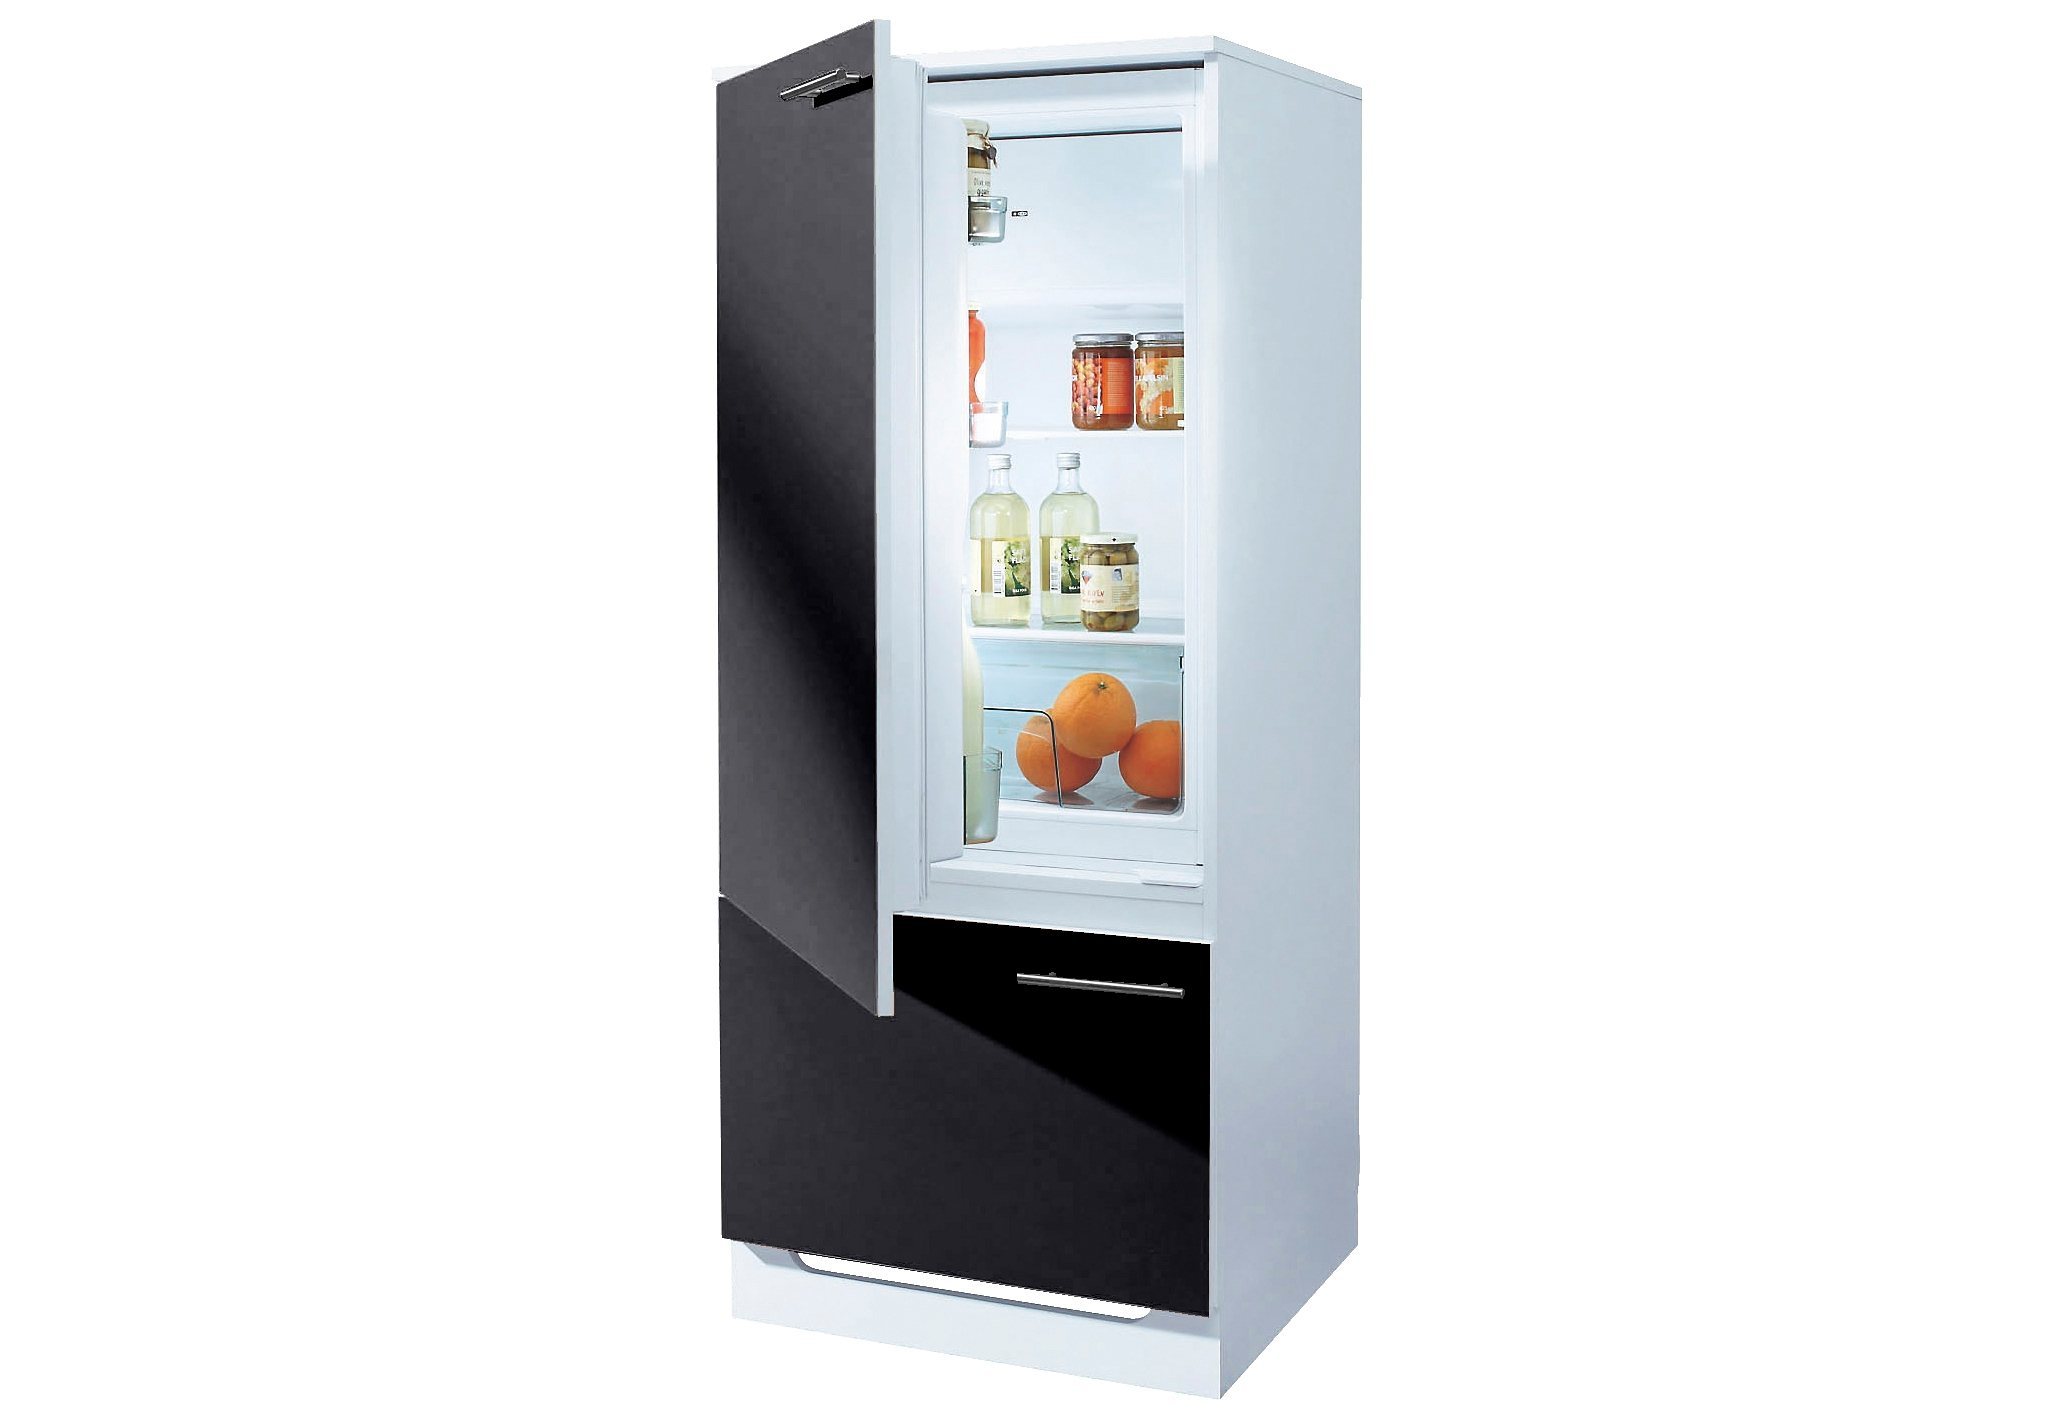 Amica Kühlschrank Mint : Bunt kühlschränke online kaufen möbel suchmaschine ladendirekt.de